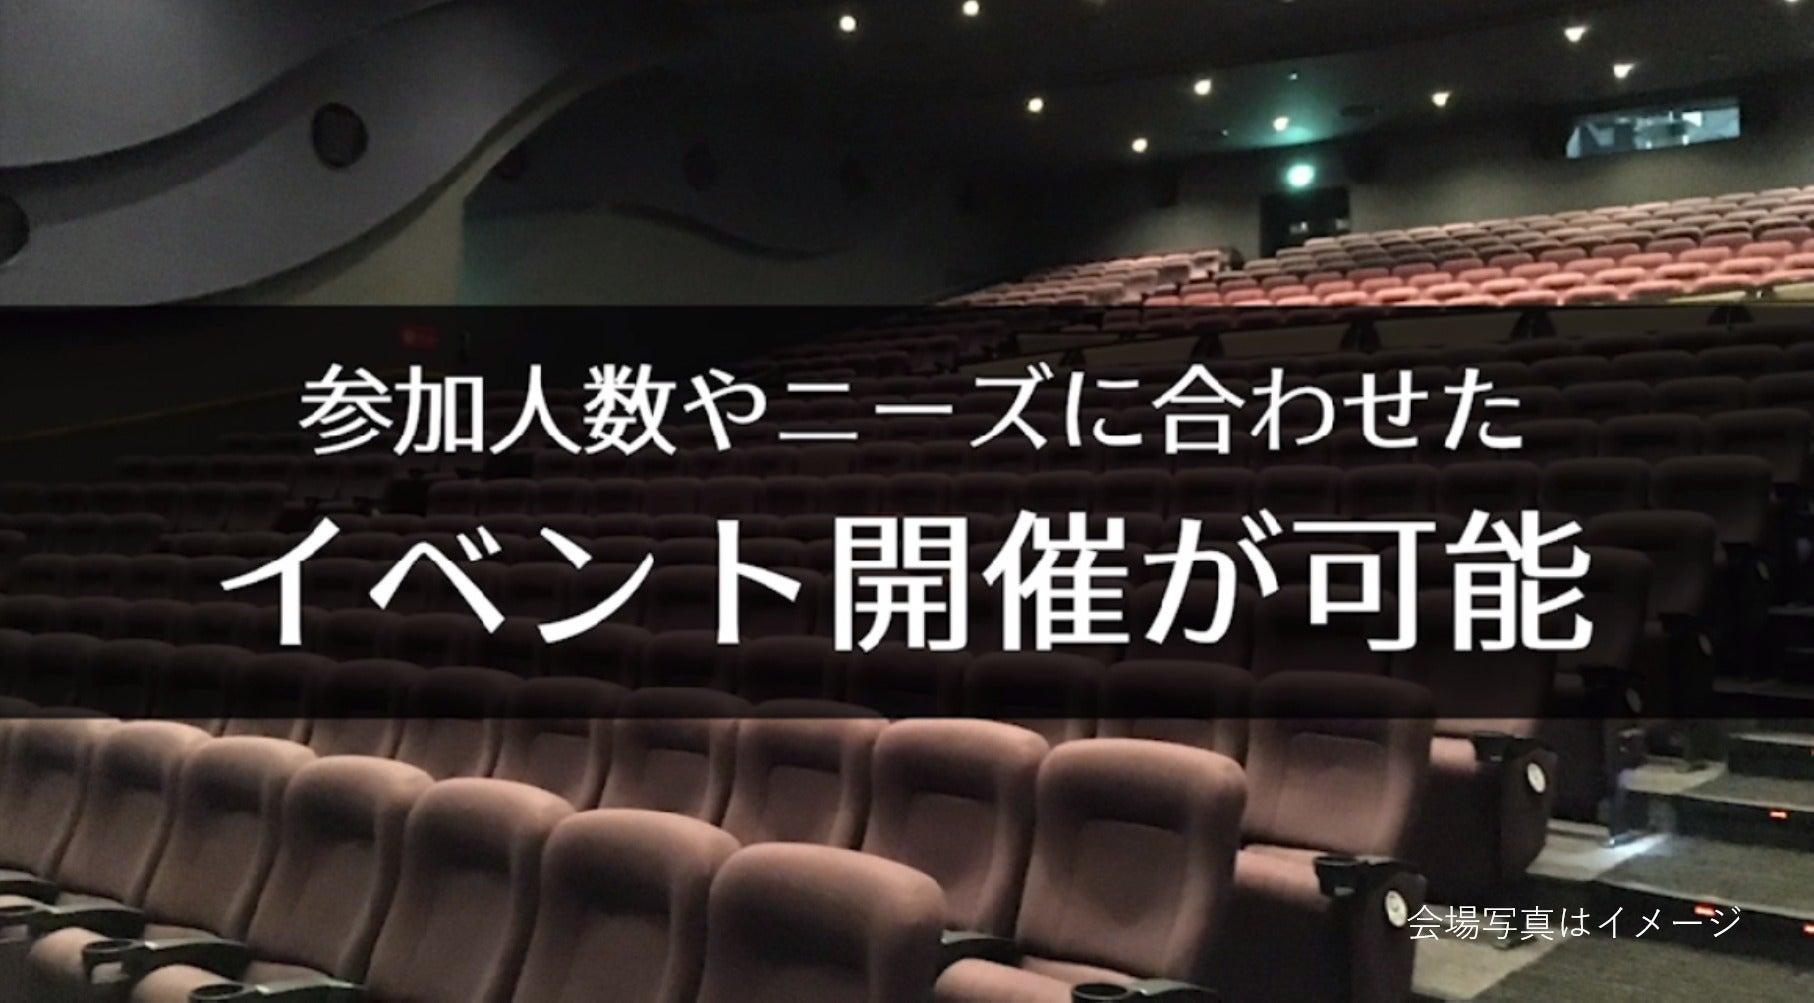 【小倉 141席】映画館で、会社説明会、株主総会、講演会の企画はいかがですか?(シネプレックス小倉) の写真0